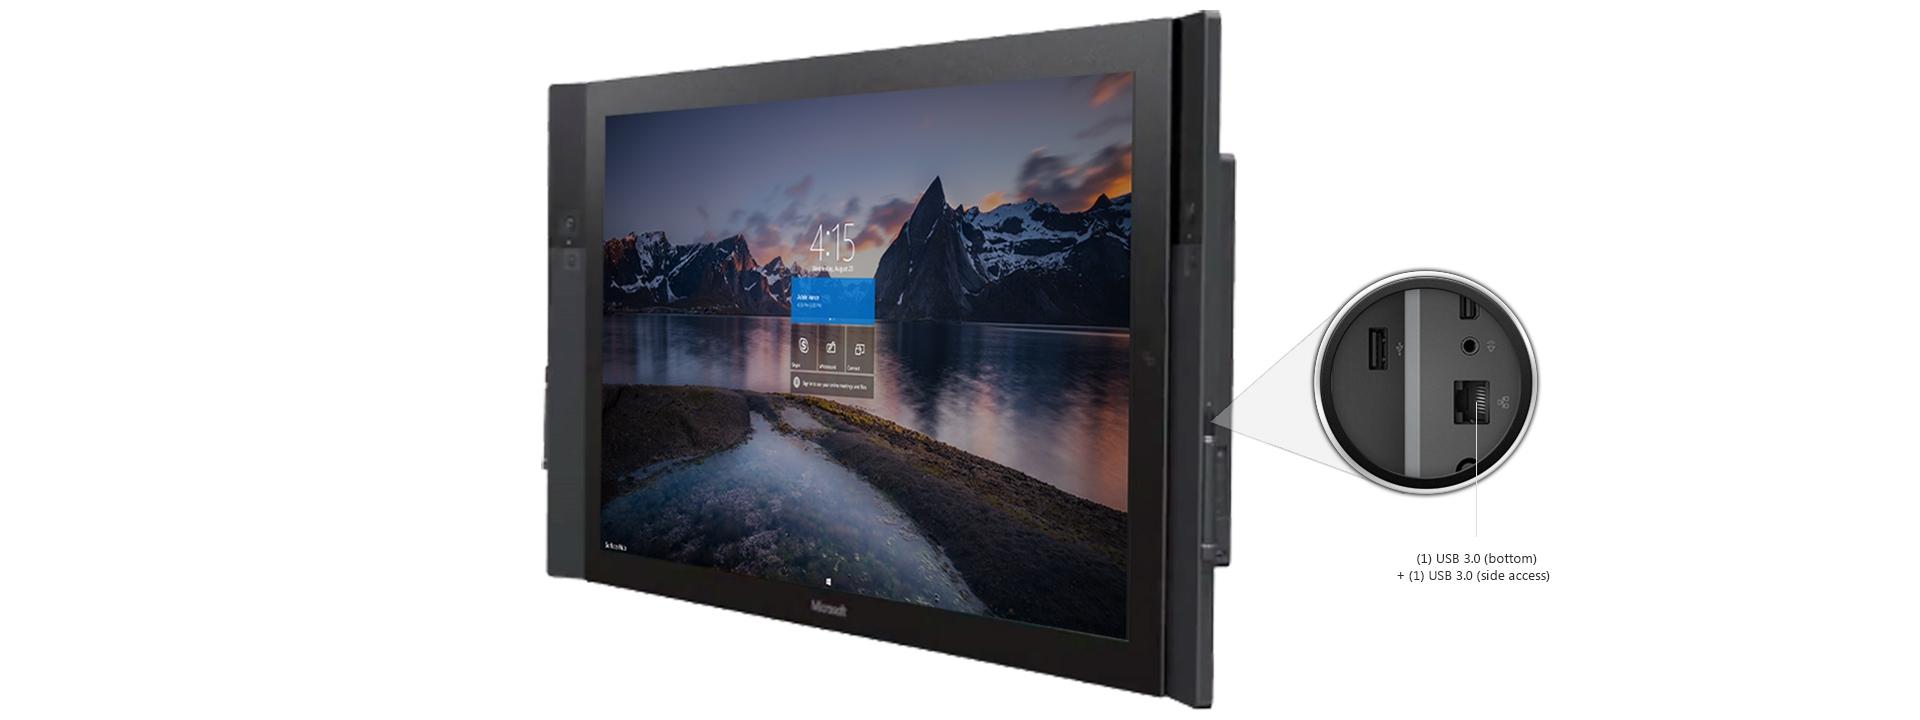 外部端子が拡大された、自然の風景のスタート画面が表示された Surface Hub の側面図。